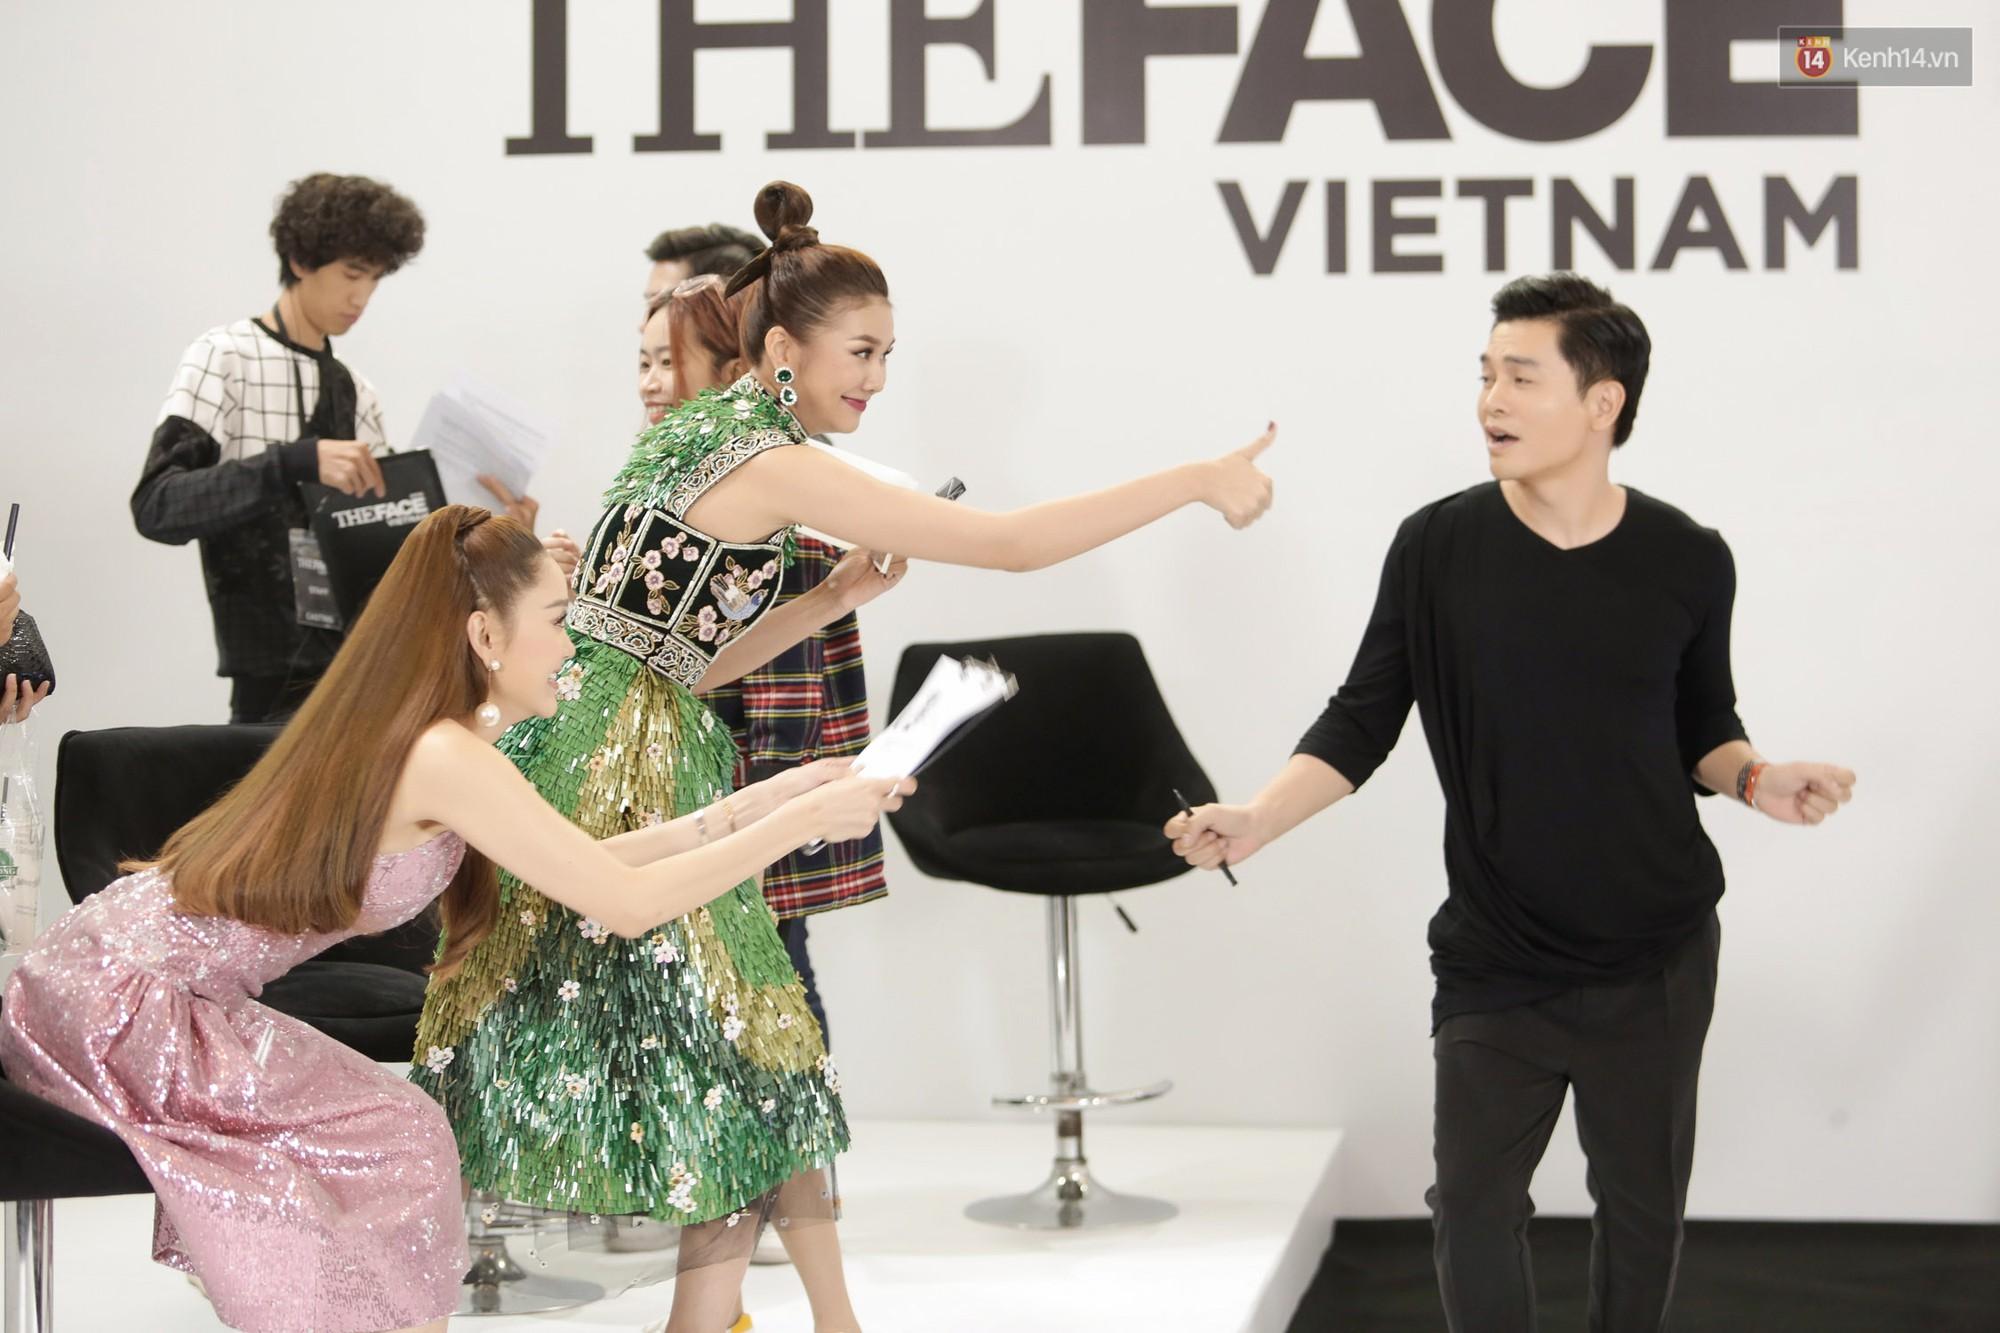 The Face ngày 2: Vắng mặt Võ Hoàng Yến, Song Hằng nhí nhố trong hậu trường với Nam Trung - Ảnh 15.